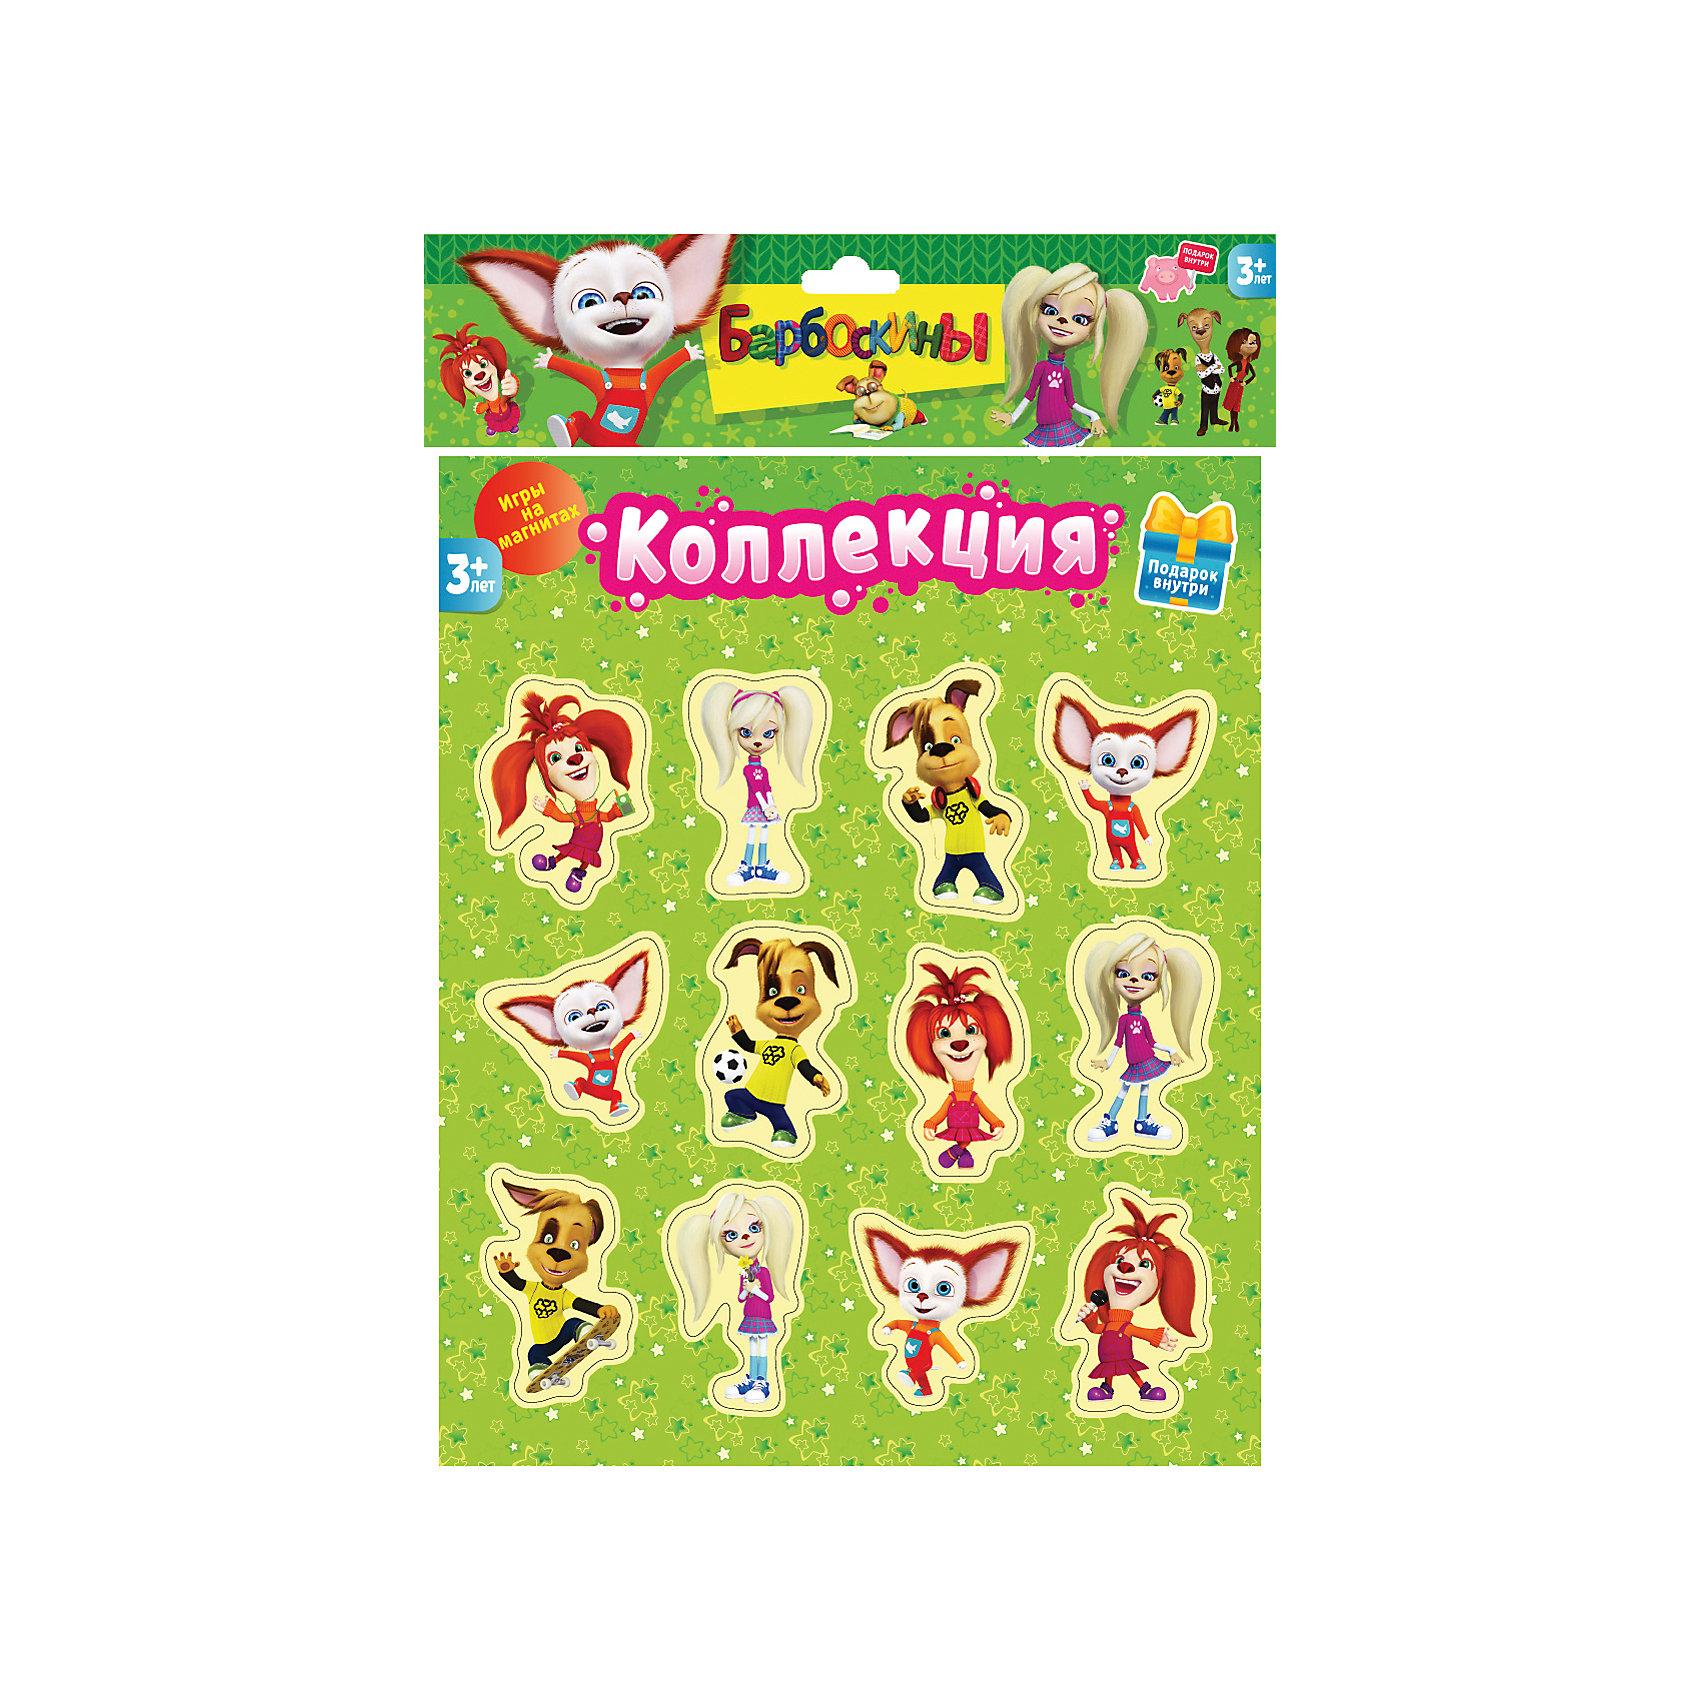 Игра на магнитах Коллекция, БарбоскиныИгра на магнитах Коллекция, Барбоскины станет приятным сюрпризом для маленьких поклонников популярного мультсериала Барбоскины. Барбоскины - это большое семейство собак, в котором у каждого персонажа свой характер и особенности. В комплекте Вы найдете красочные фигурки персонажей мультфильма на магнитах. С их помощью Ваш ребенок сможет придумывать новые приключения любимых героев и разыгрывать с ними сценки. Фигурки хорошо крепятся на любую металлическую поверхность, например, холодильник, магнитную доску, корпус компьютера. Магниты уже закреплены на карточках и сборка не потребуется. В комплект также входит подарок - набор наклеек с главными героями мультфильма.<br><br>Дополнительная информация:<br><br>- В комплекте: 28 фигурок на магнитах.<br>- Серия: Барбоскины. Игры на магнитах.<br>- Материал: бумага, картон, магниторезина.<br>- Размер упаковки: 43 x 29,5 x 0,3 см.<br>- Вес: 170 гр.<br><br>Игру на магнитах Коллекция, Барбоскины, можно купить в нашем интернет-магазине.<br><br>Ширина мм: 430<br>Глубина мм: 3<br>Высота мм: 295<br>Вес г: 430<br>Возраст от месяцев: 36<br>Возраст до месяцев: 96<br>Пол: Унисекс<br>Возраст: Детский<br>SKU: 3998680